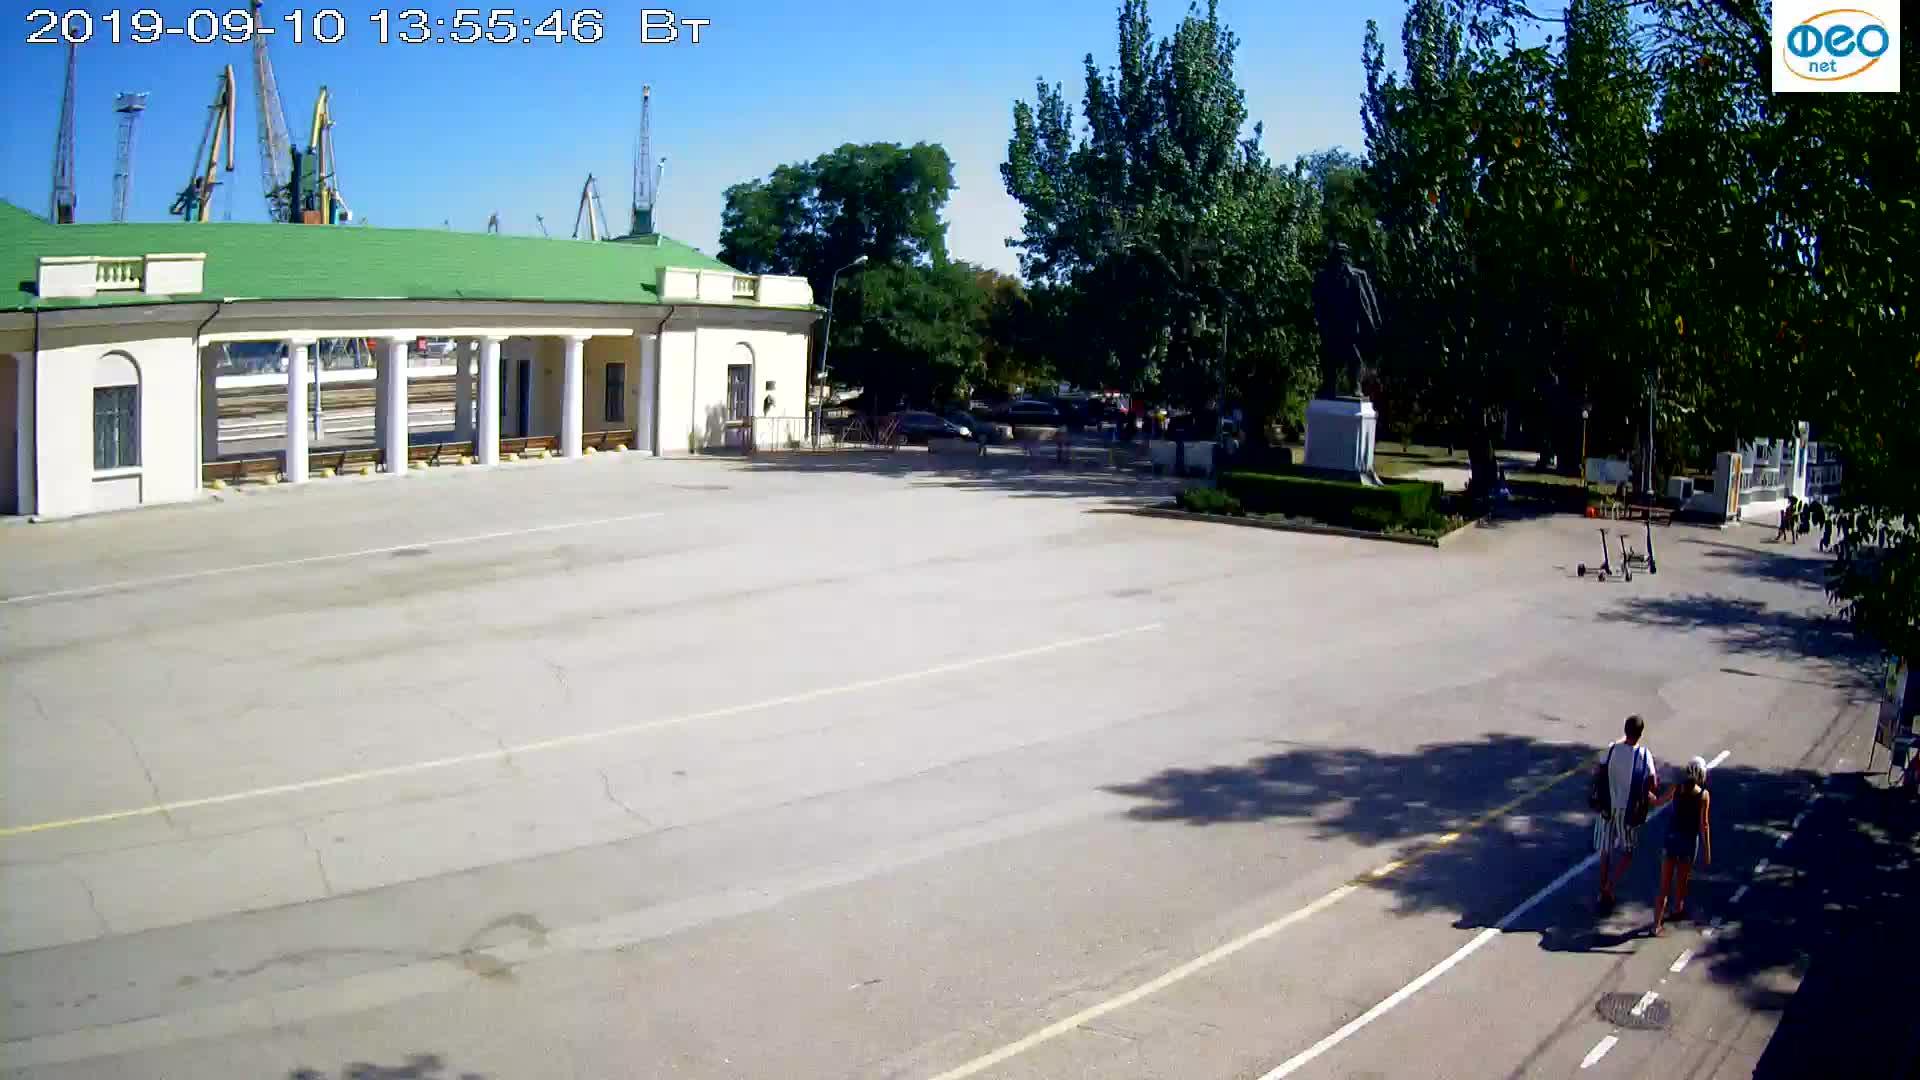 Веб-камеры Феодосии, Привокзальная площадь 2, 2019-09-10 13:43:08